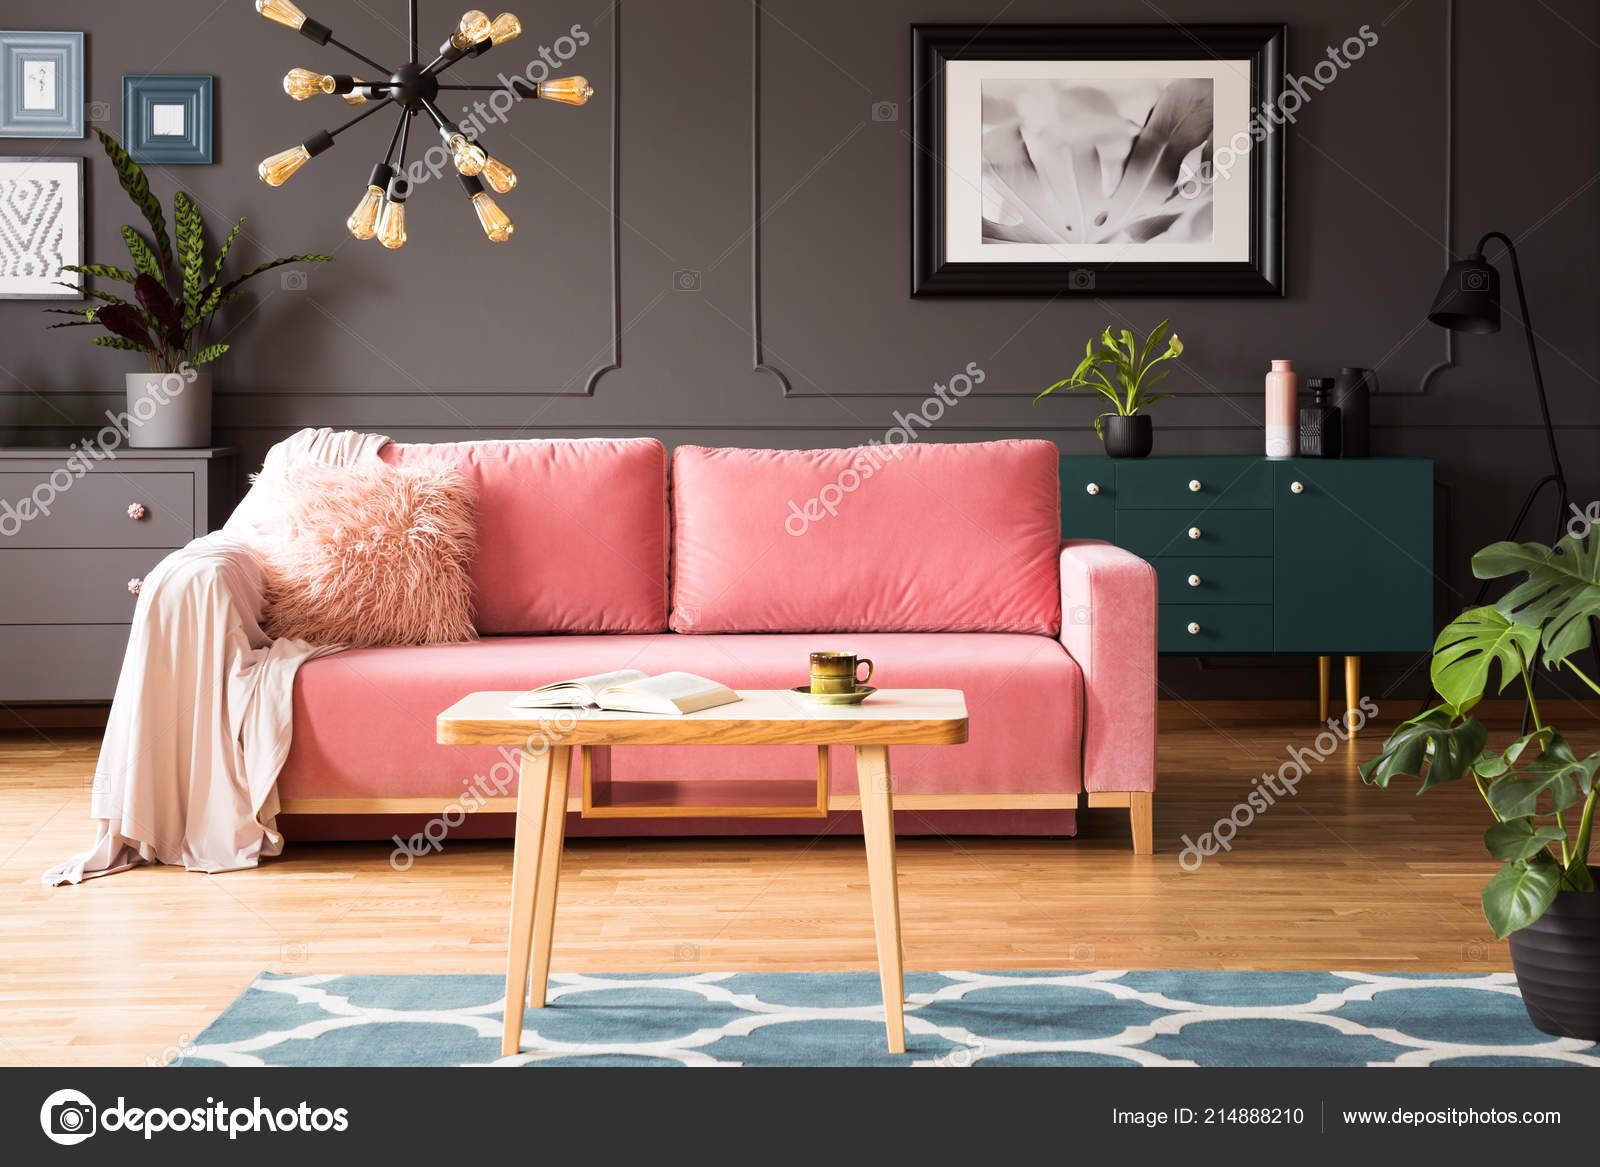 Tappeto Da Salotto Rosa : Poster sulla parete grigia all interno salotto con divano rosa